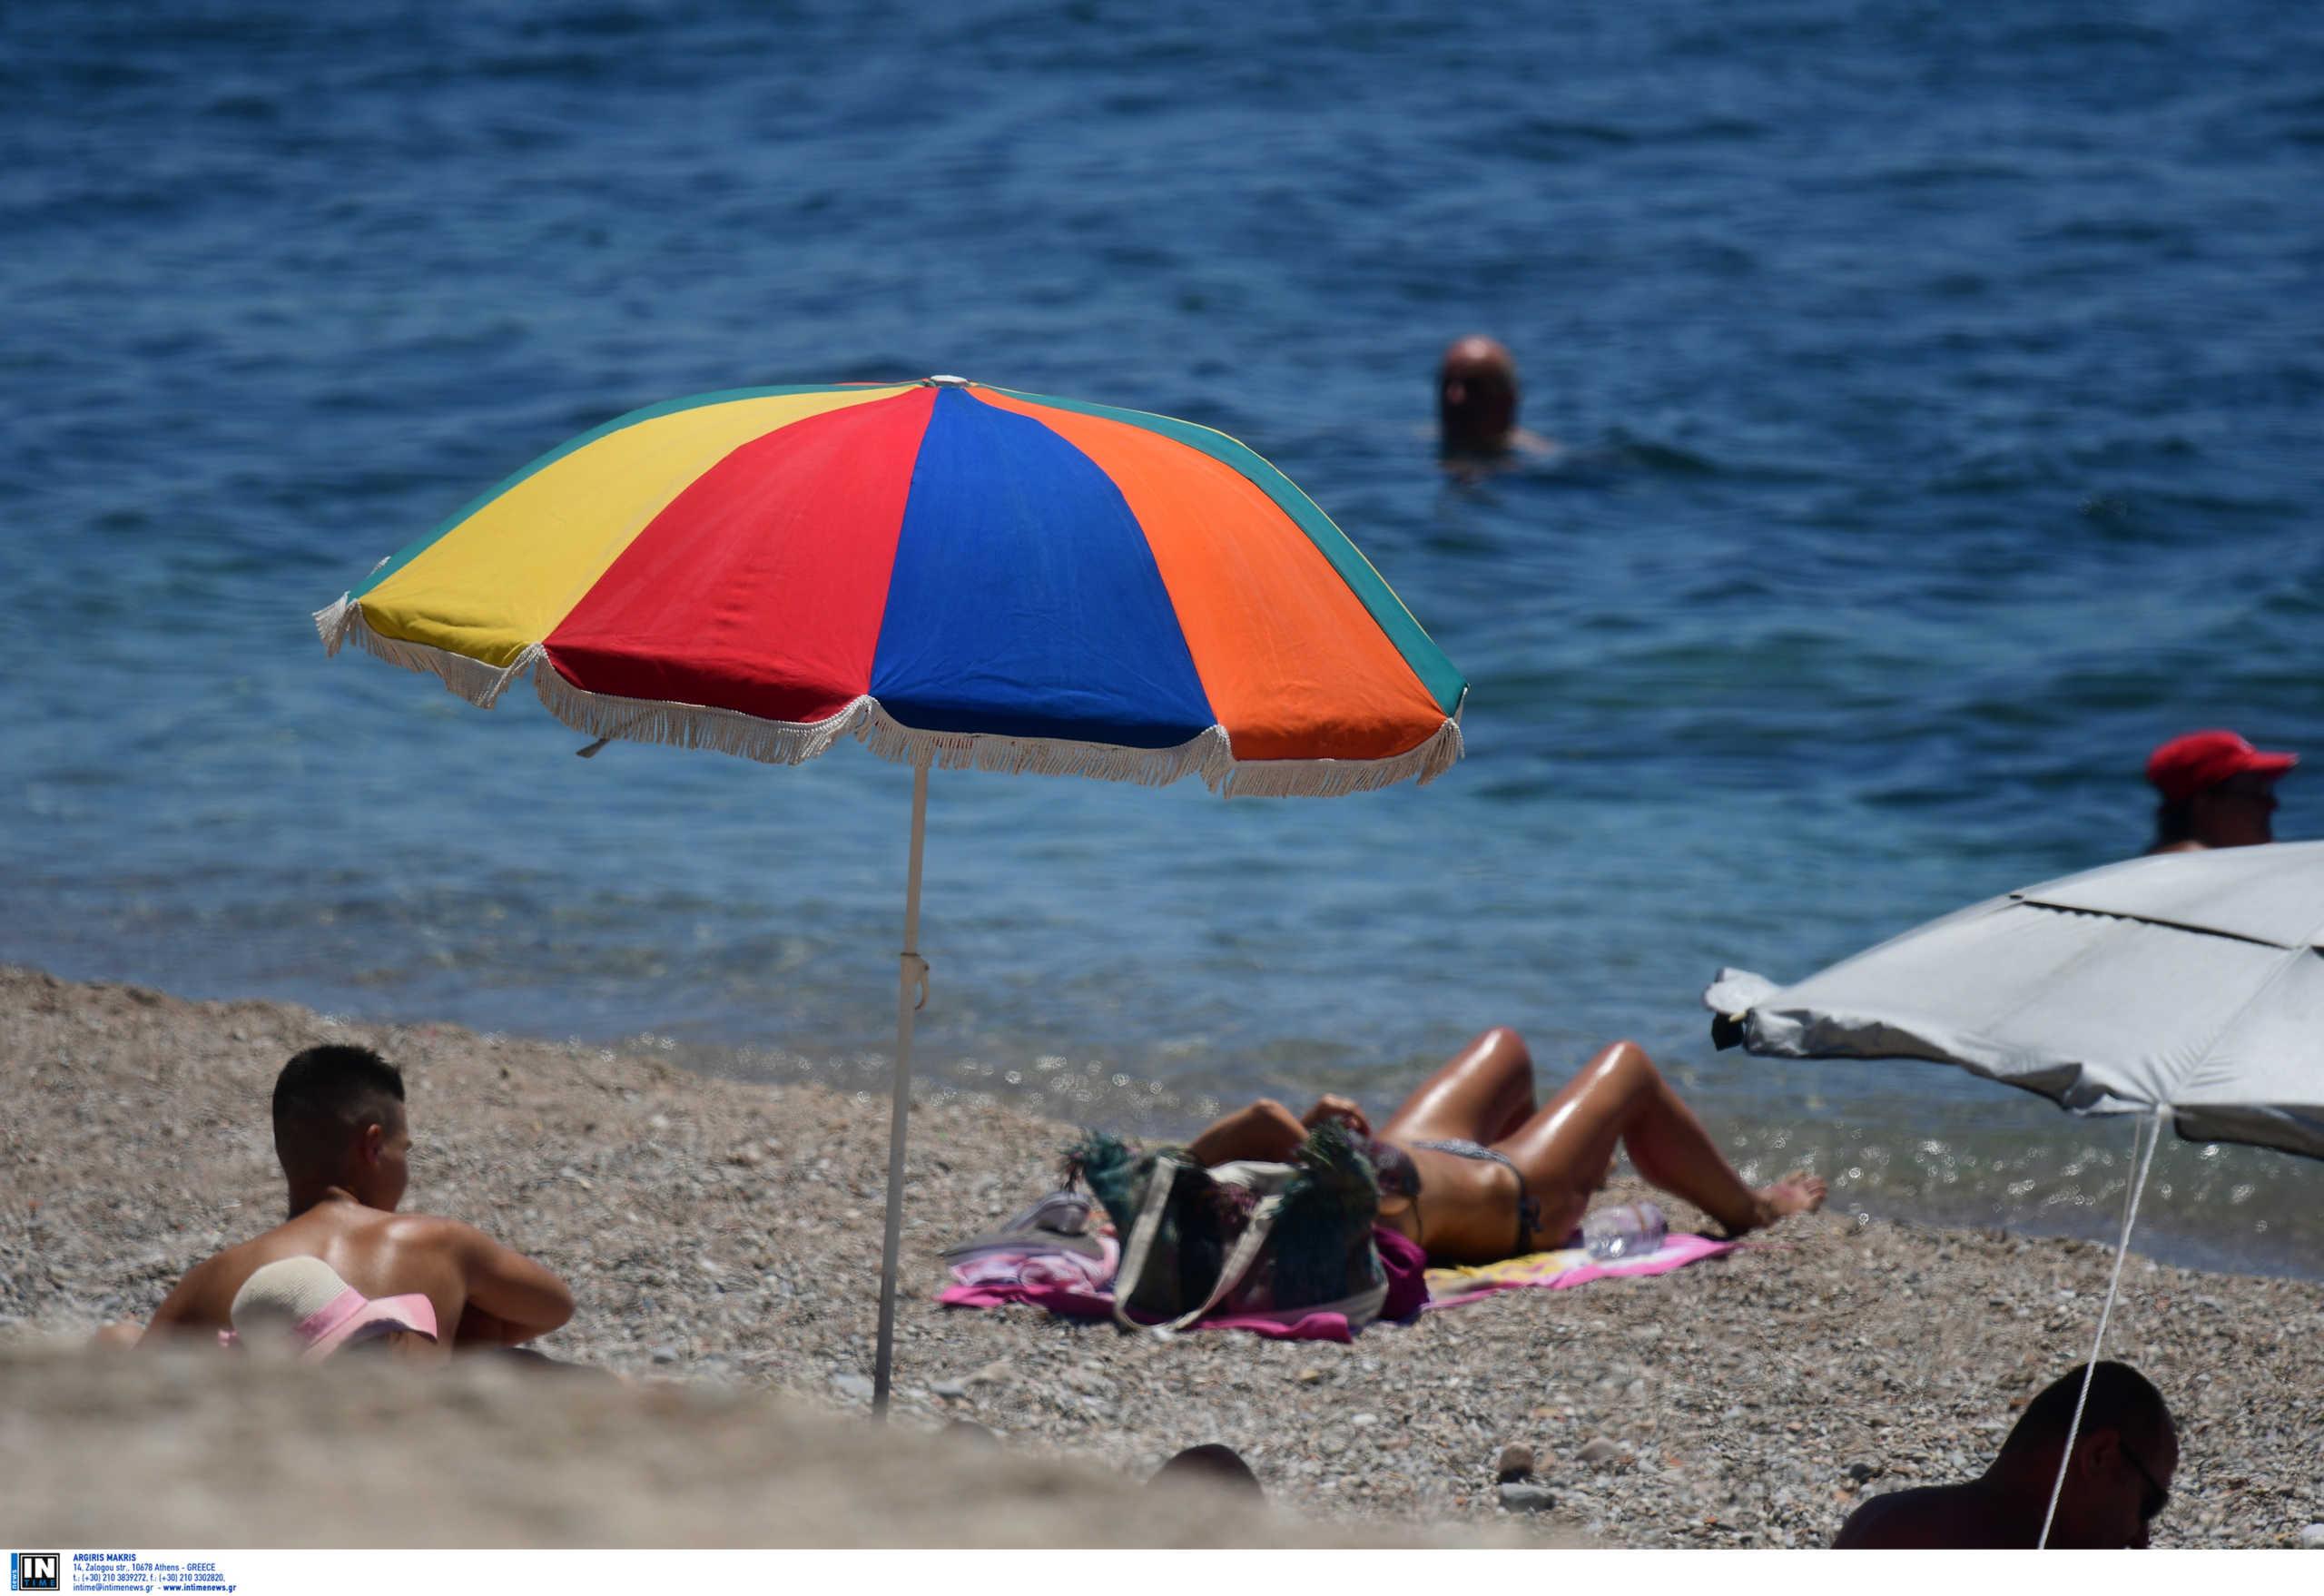 Καιρός αύριο: Με καύσωνα τελειώνει ο Αύγουστος – Στους 41 βαθμούς η θερμοκρασία